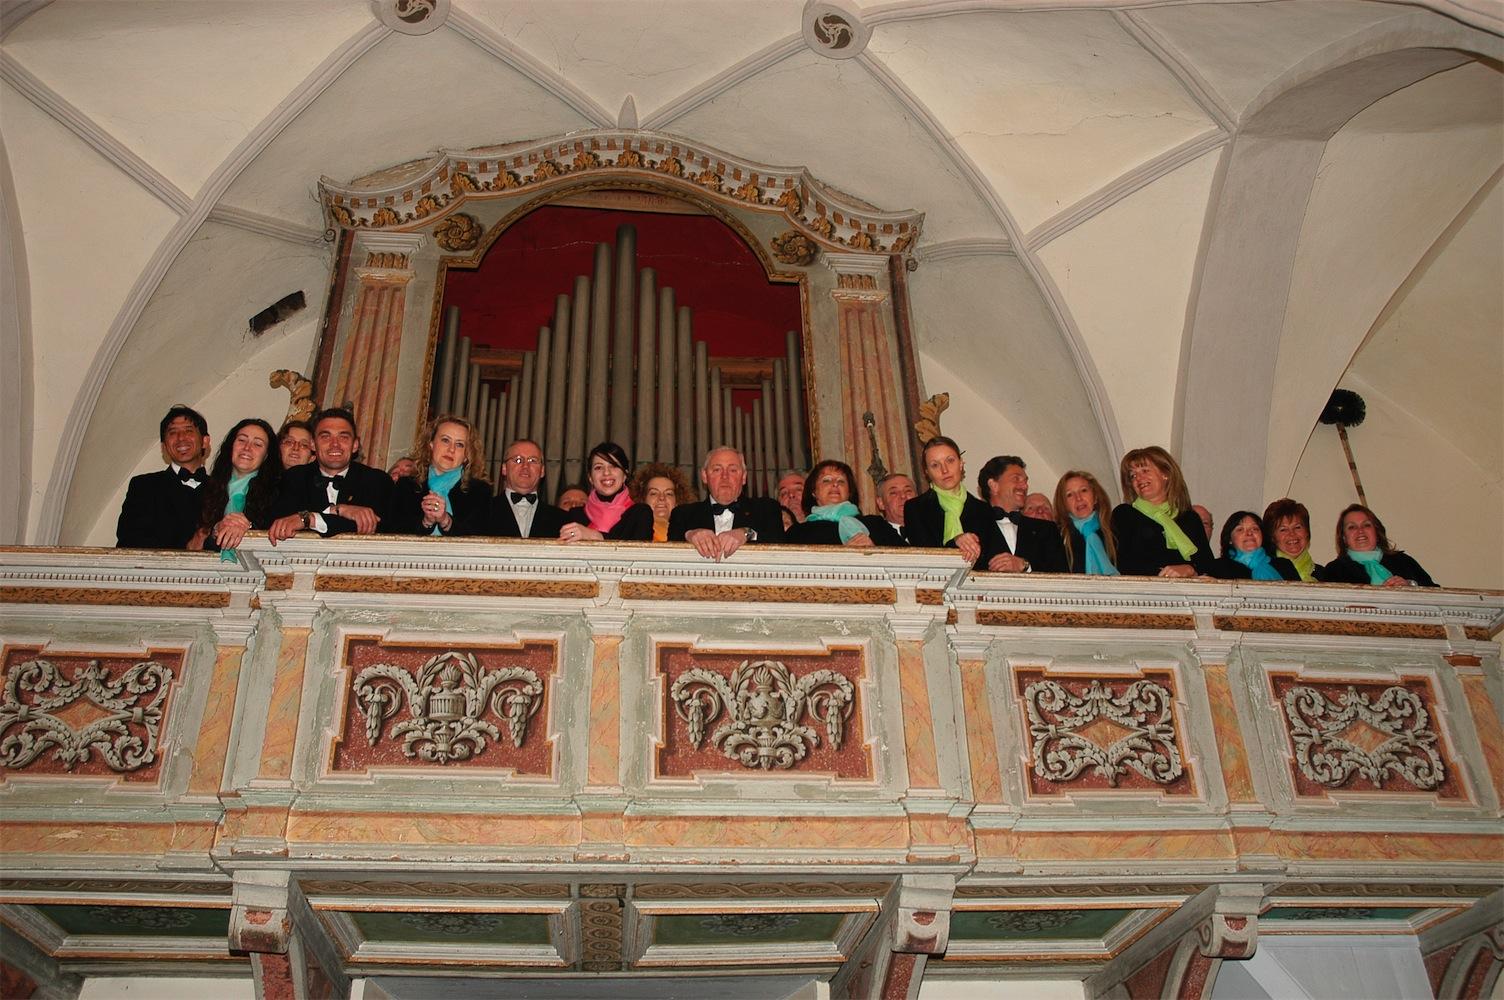 Polifonie organistiche e corali al Santuario della Madonna Pellegrina